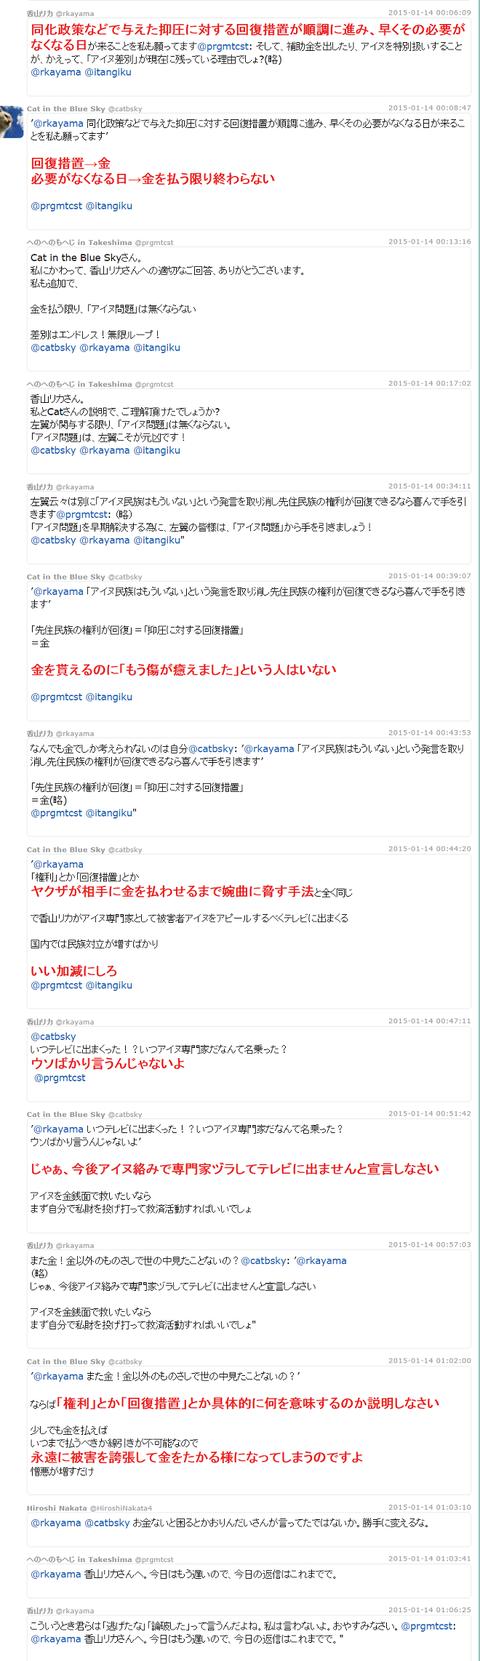 香山リカの利権開発